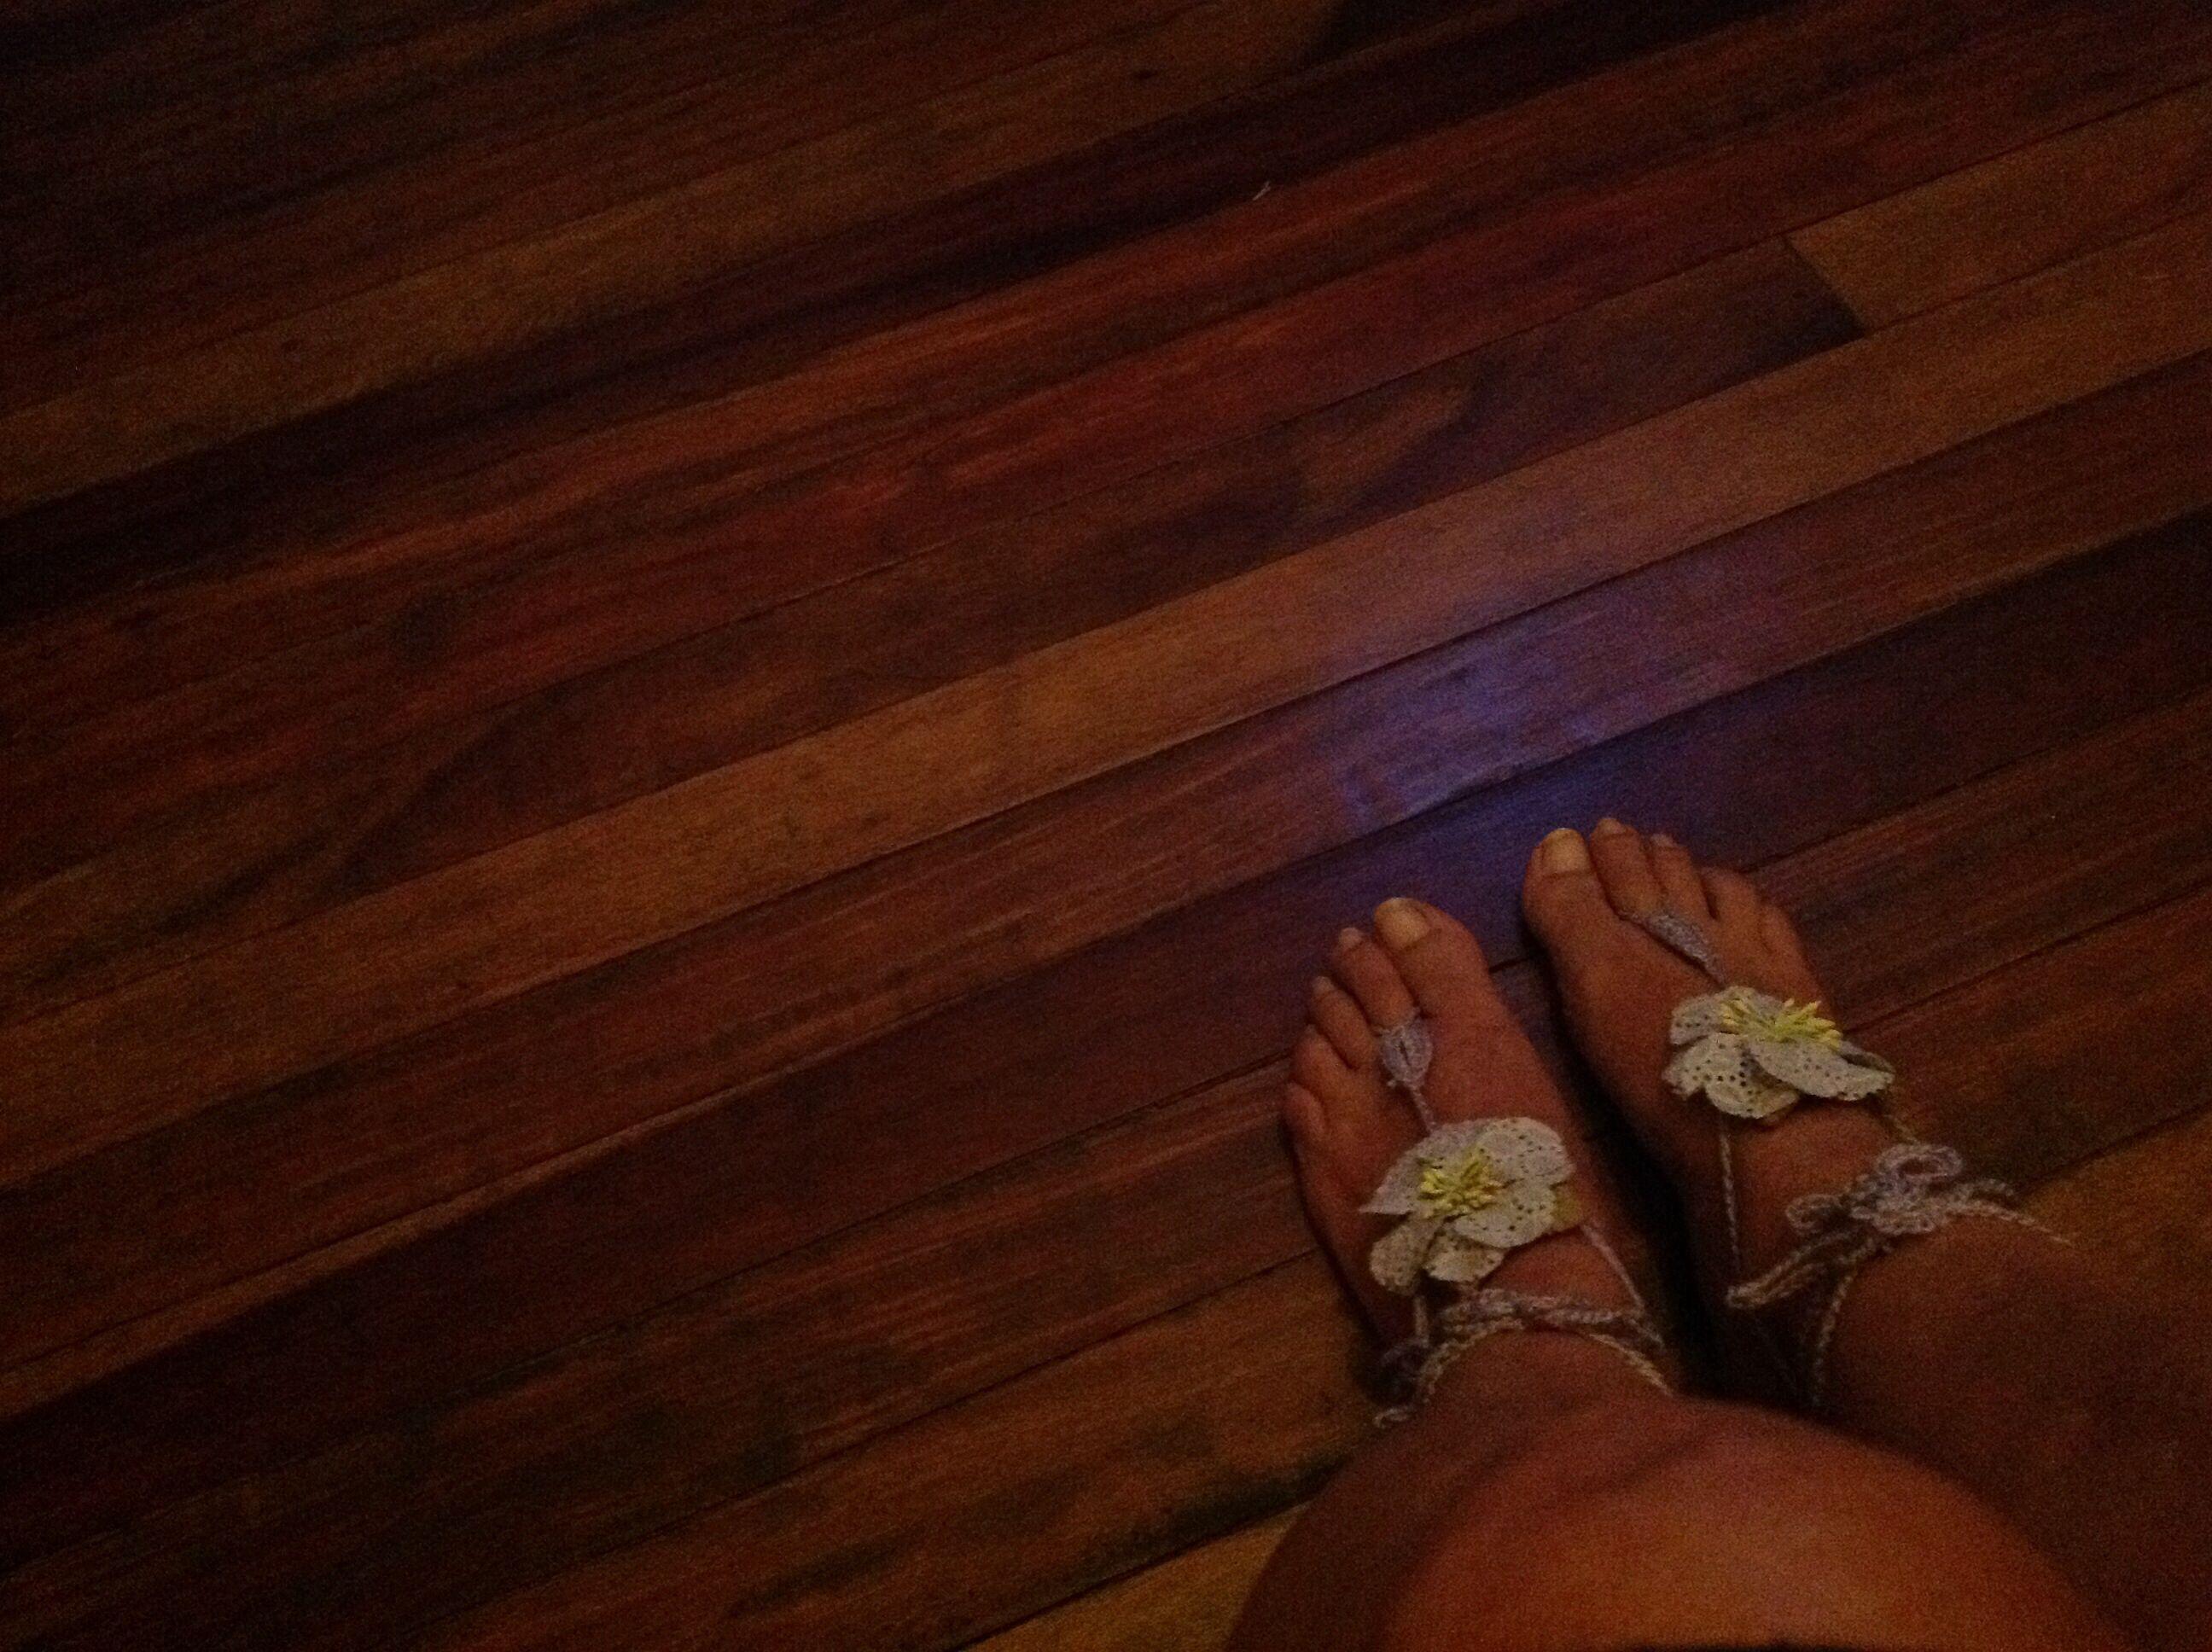 Otra forma de decorar los pies  cuando va a la playa.